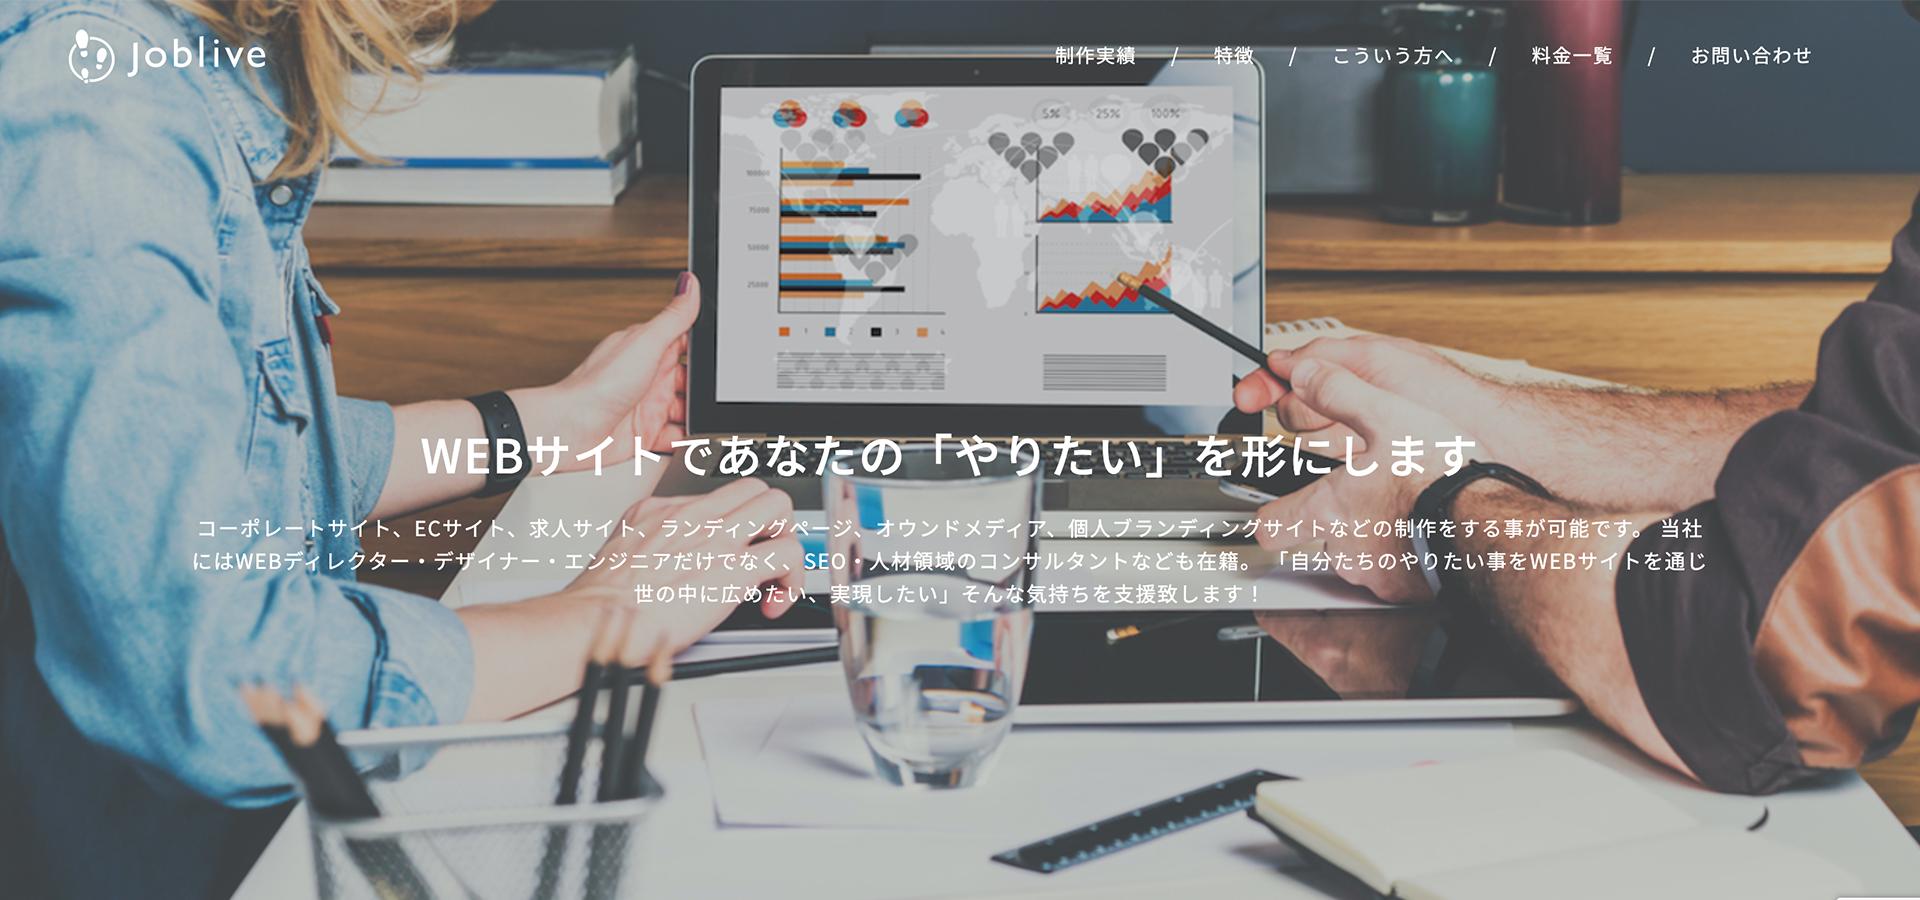 ホームページ制作会社 株式会社ジョブライブ